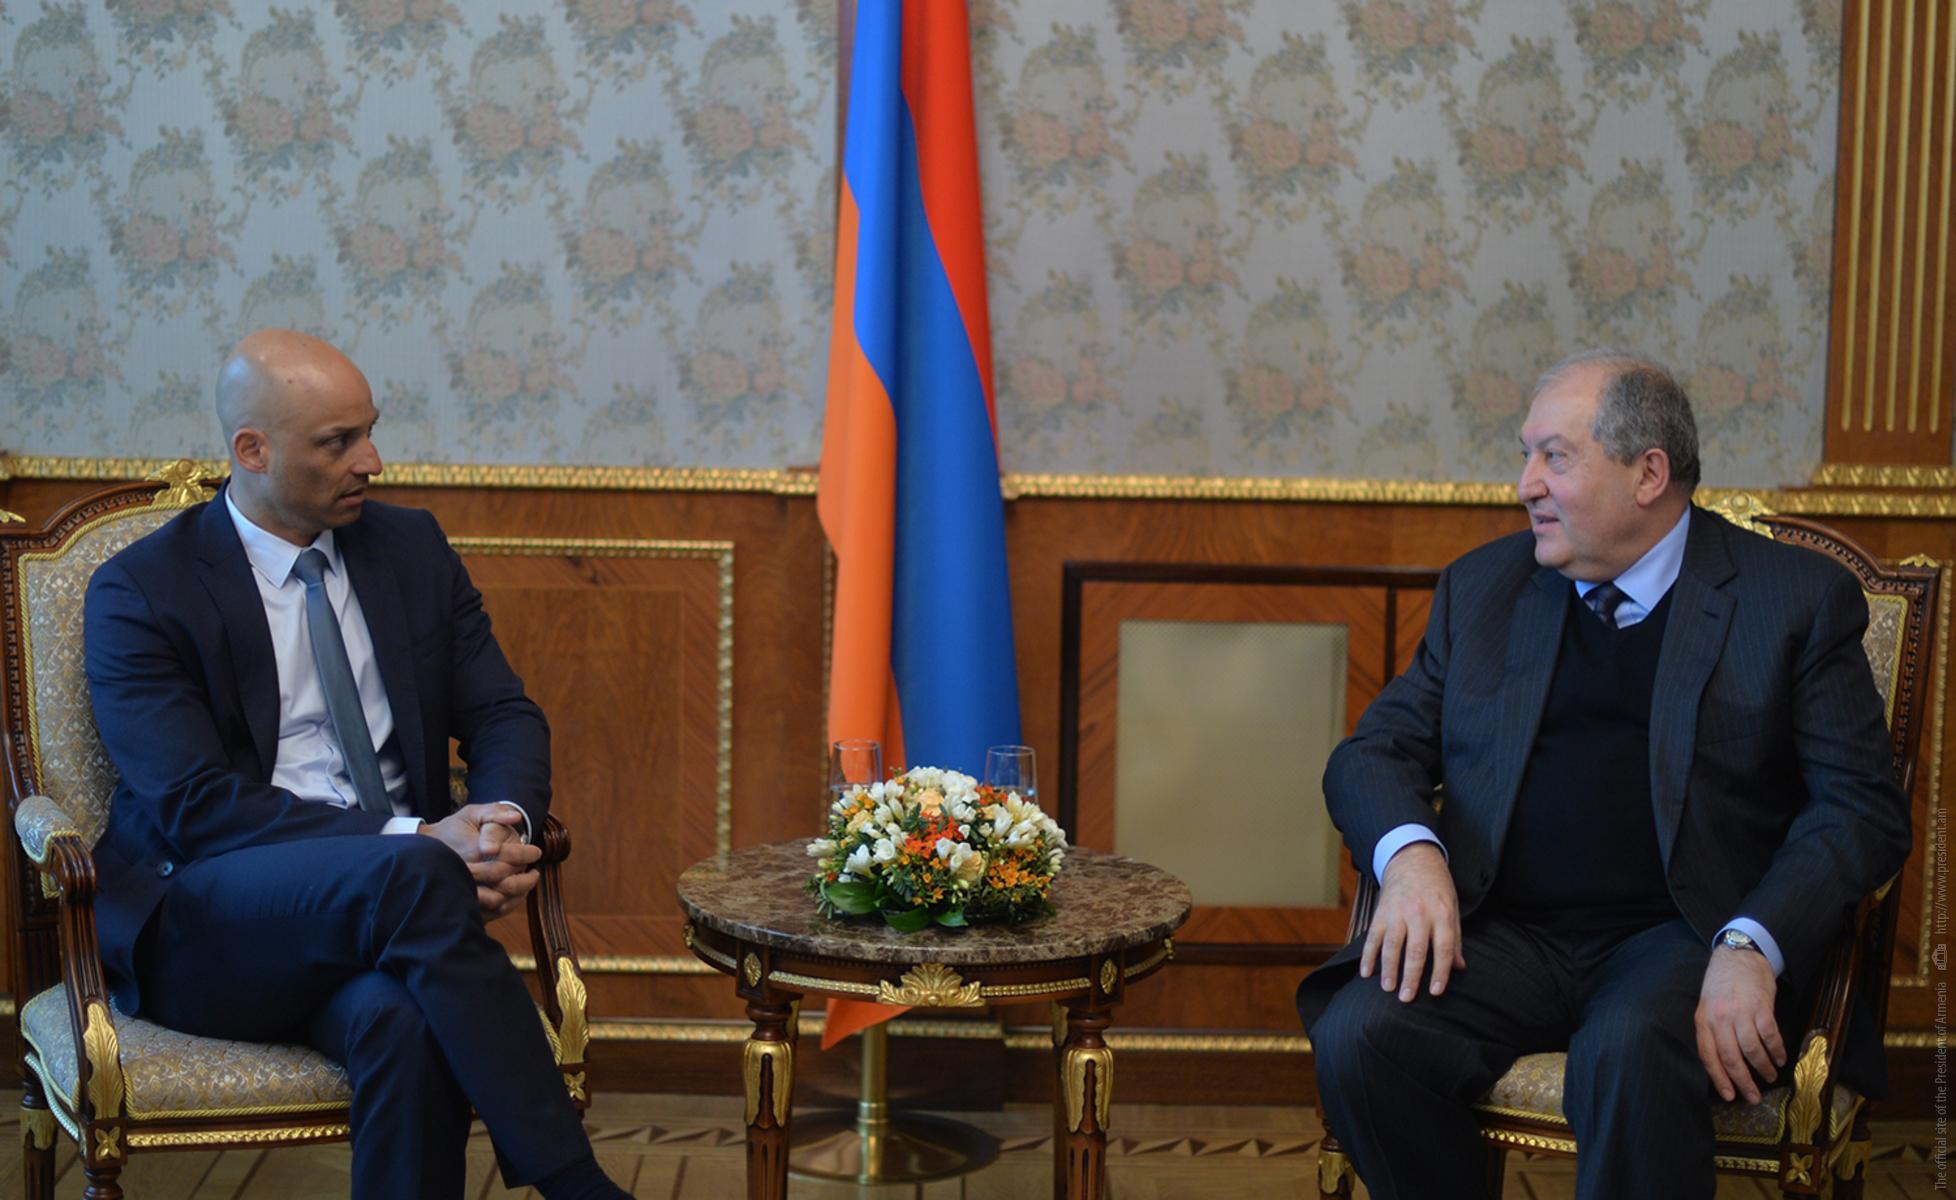 Аппатурай: Армения - стабильный и надежный партнер НАТО